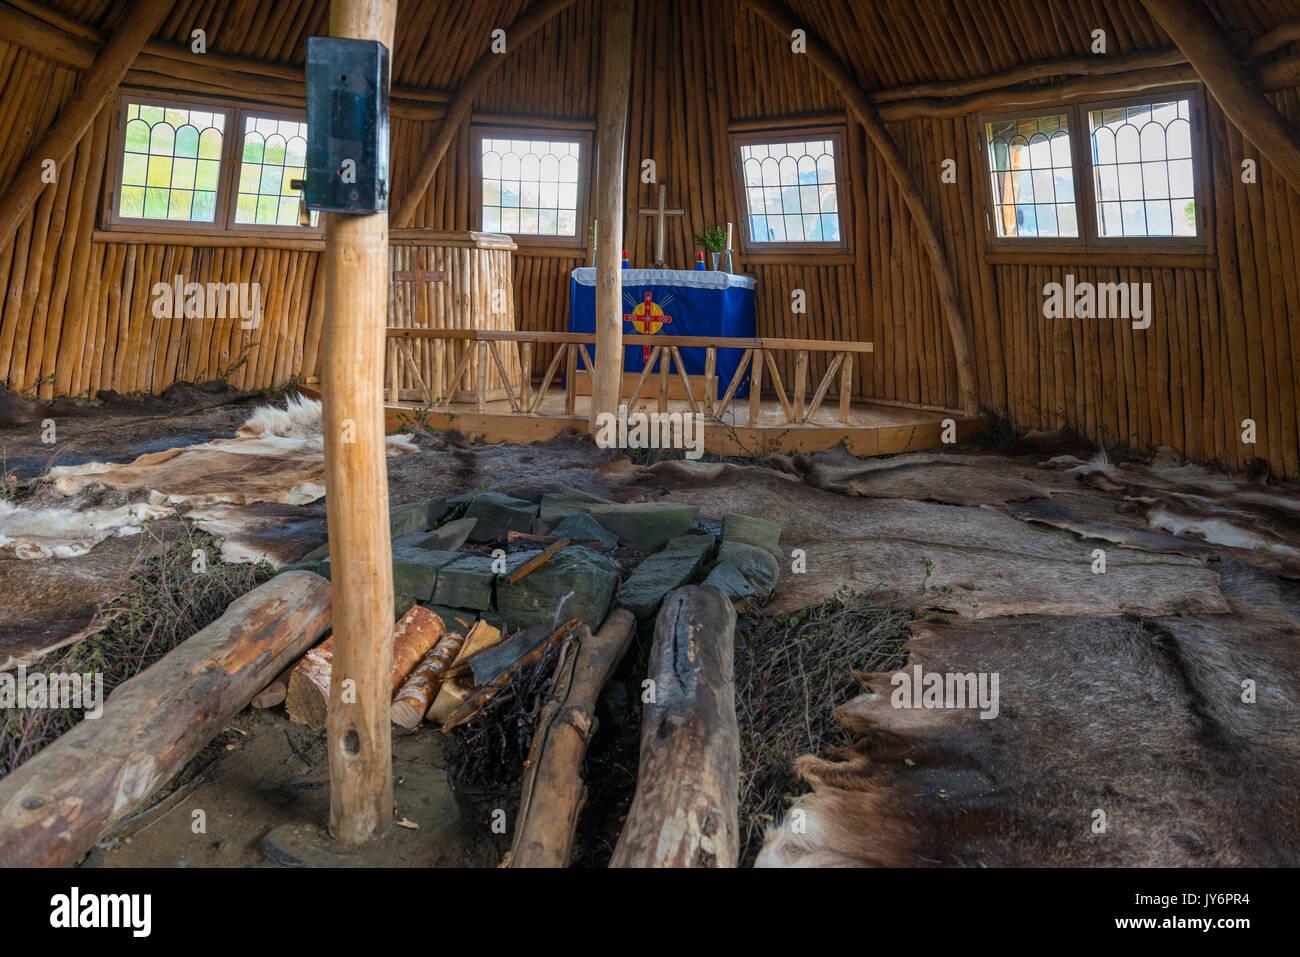 Interno di una chiesa Sami goahti in Staloluokta in Lapponia svedese. Il pavimento è coperto con le renne pelliccia, e vi è un camino. Immagini Stock